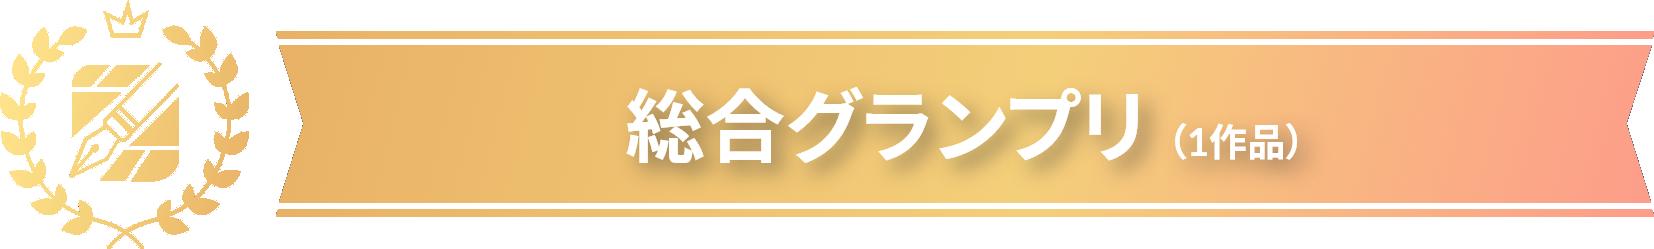 総合グランプリ